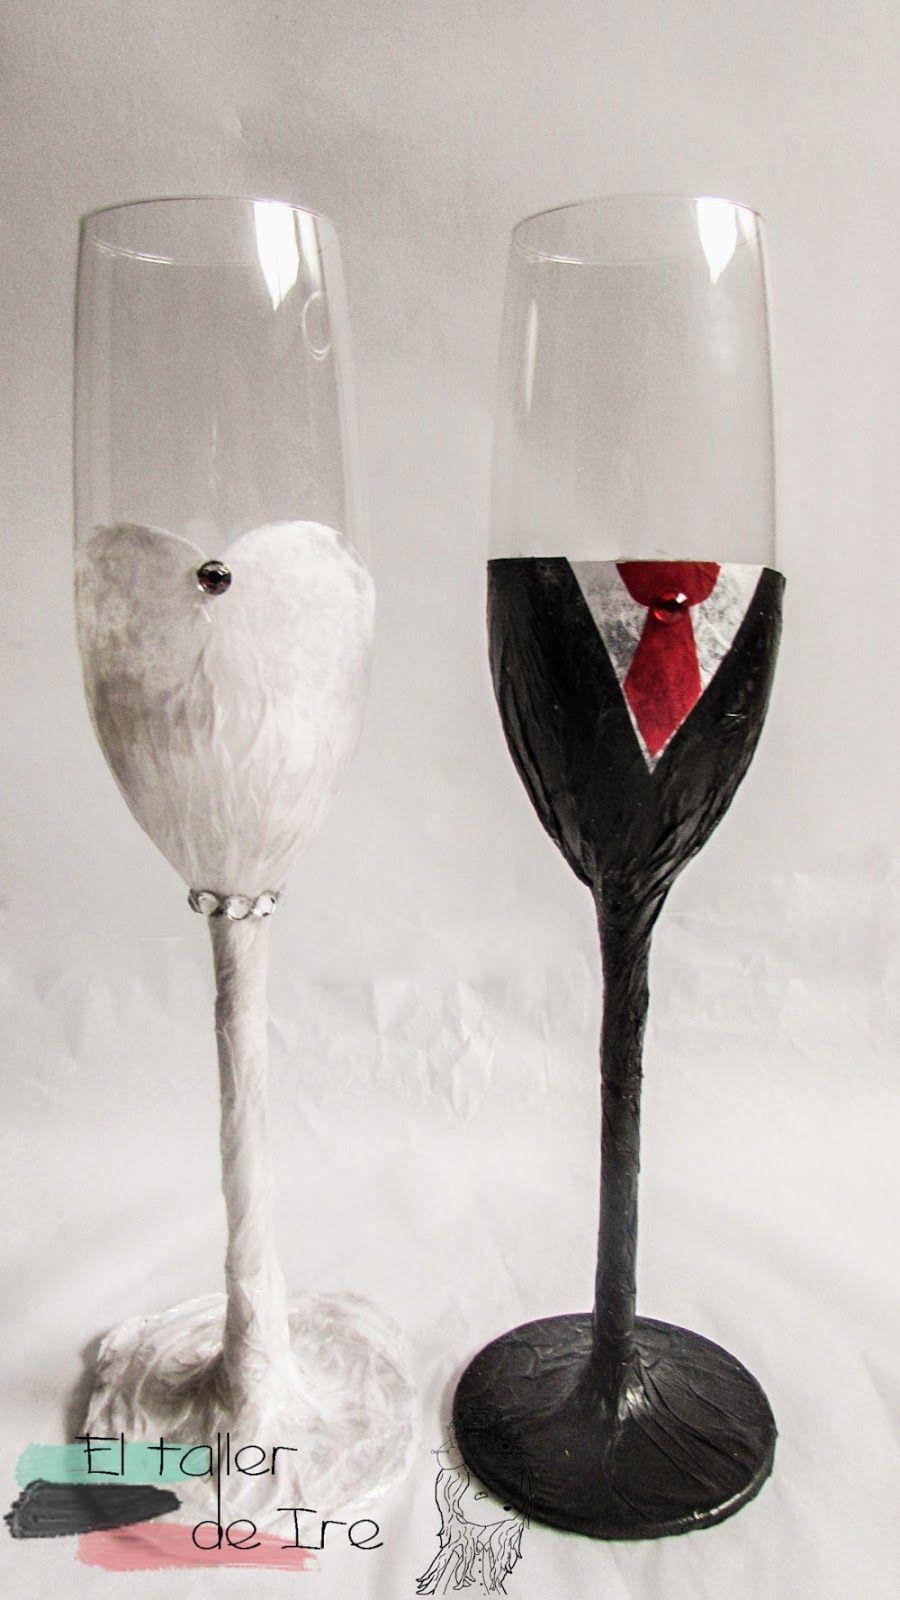 El taller de Ire: Decora tus propias copas de boda